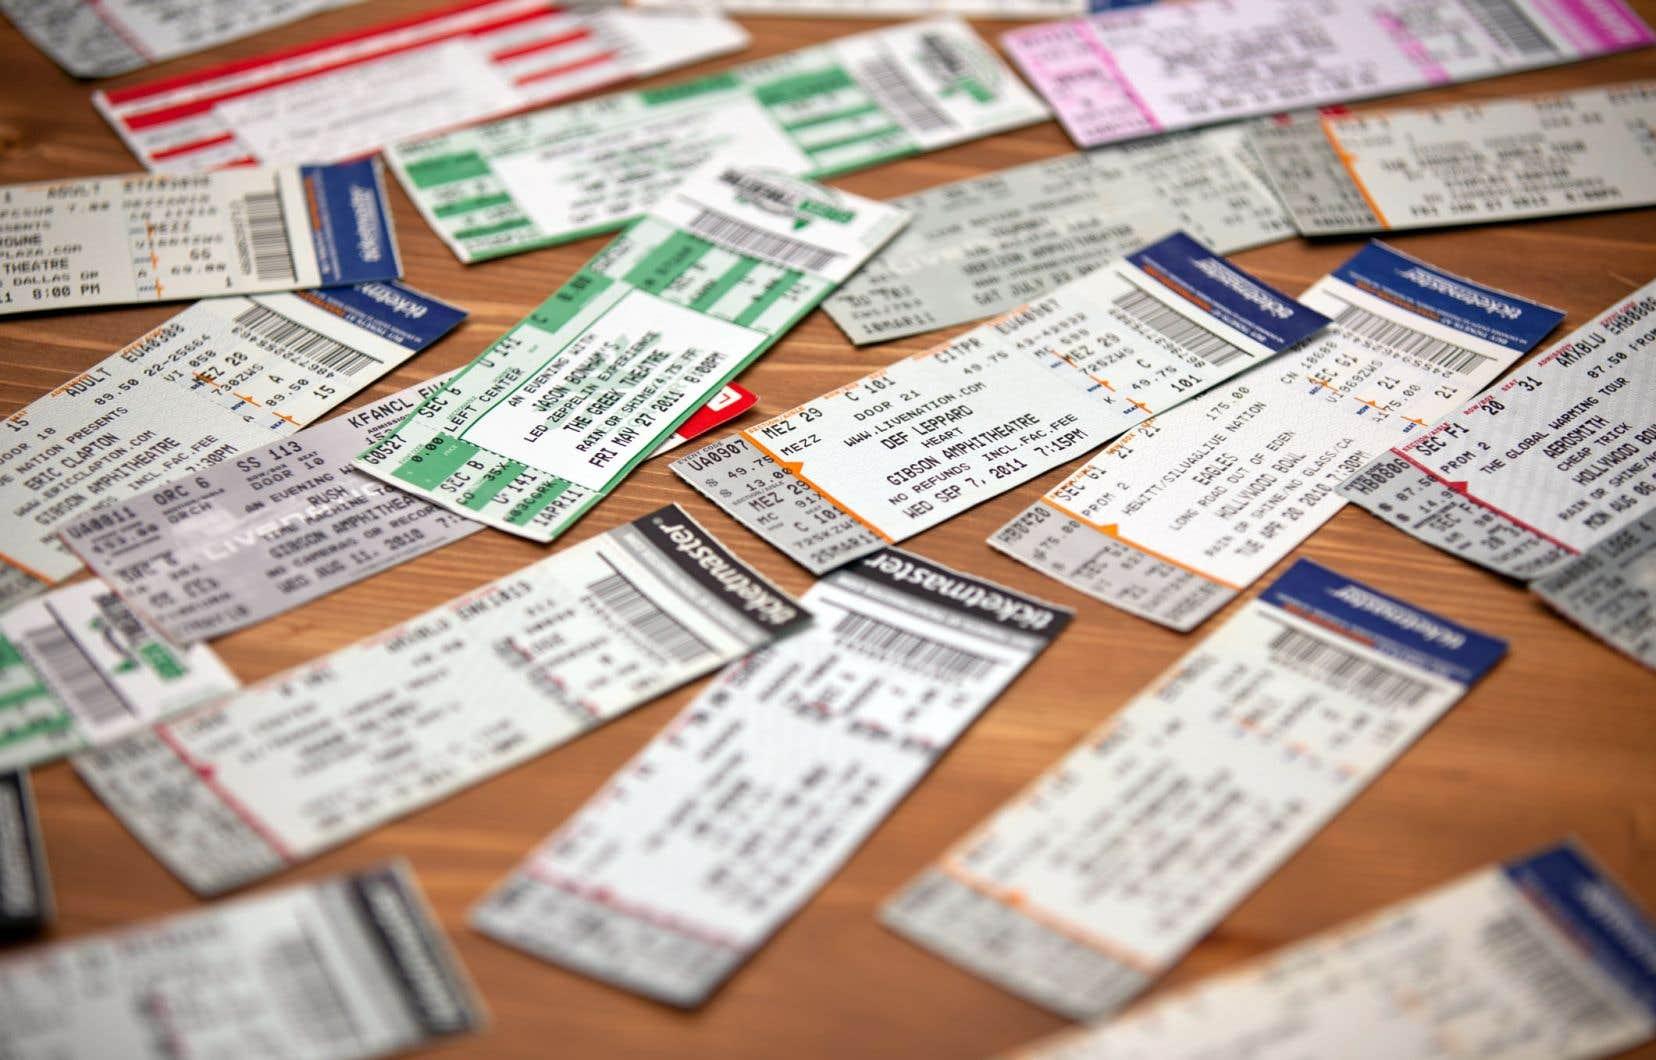 L'Office de la protection du consommateur précise que le commerçant doit normalement rembourser le client, ou lui proposer une autre date pour la tenue de l'événement.